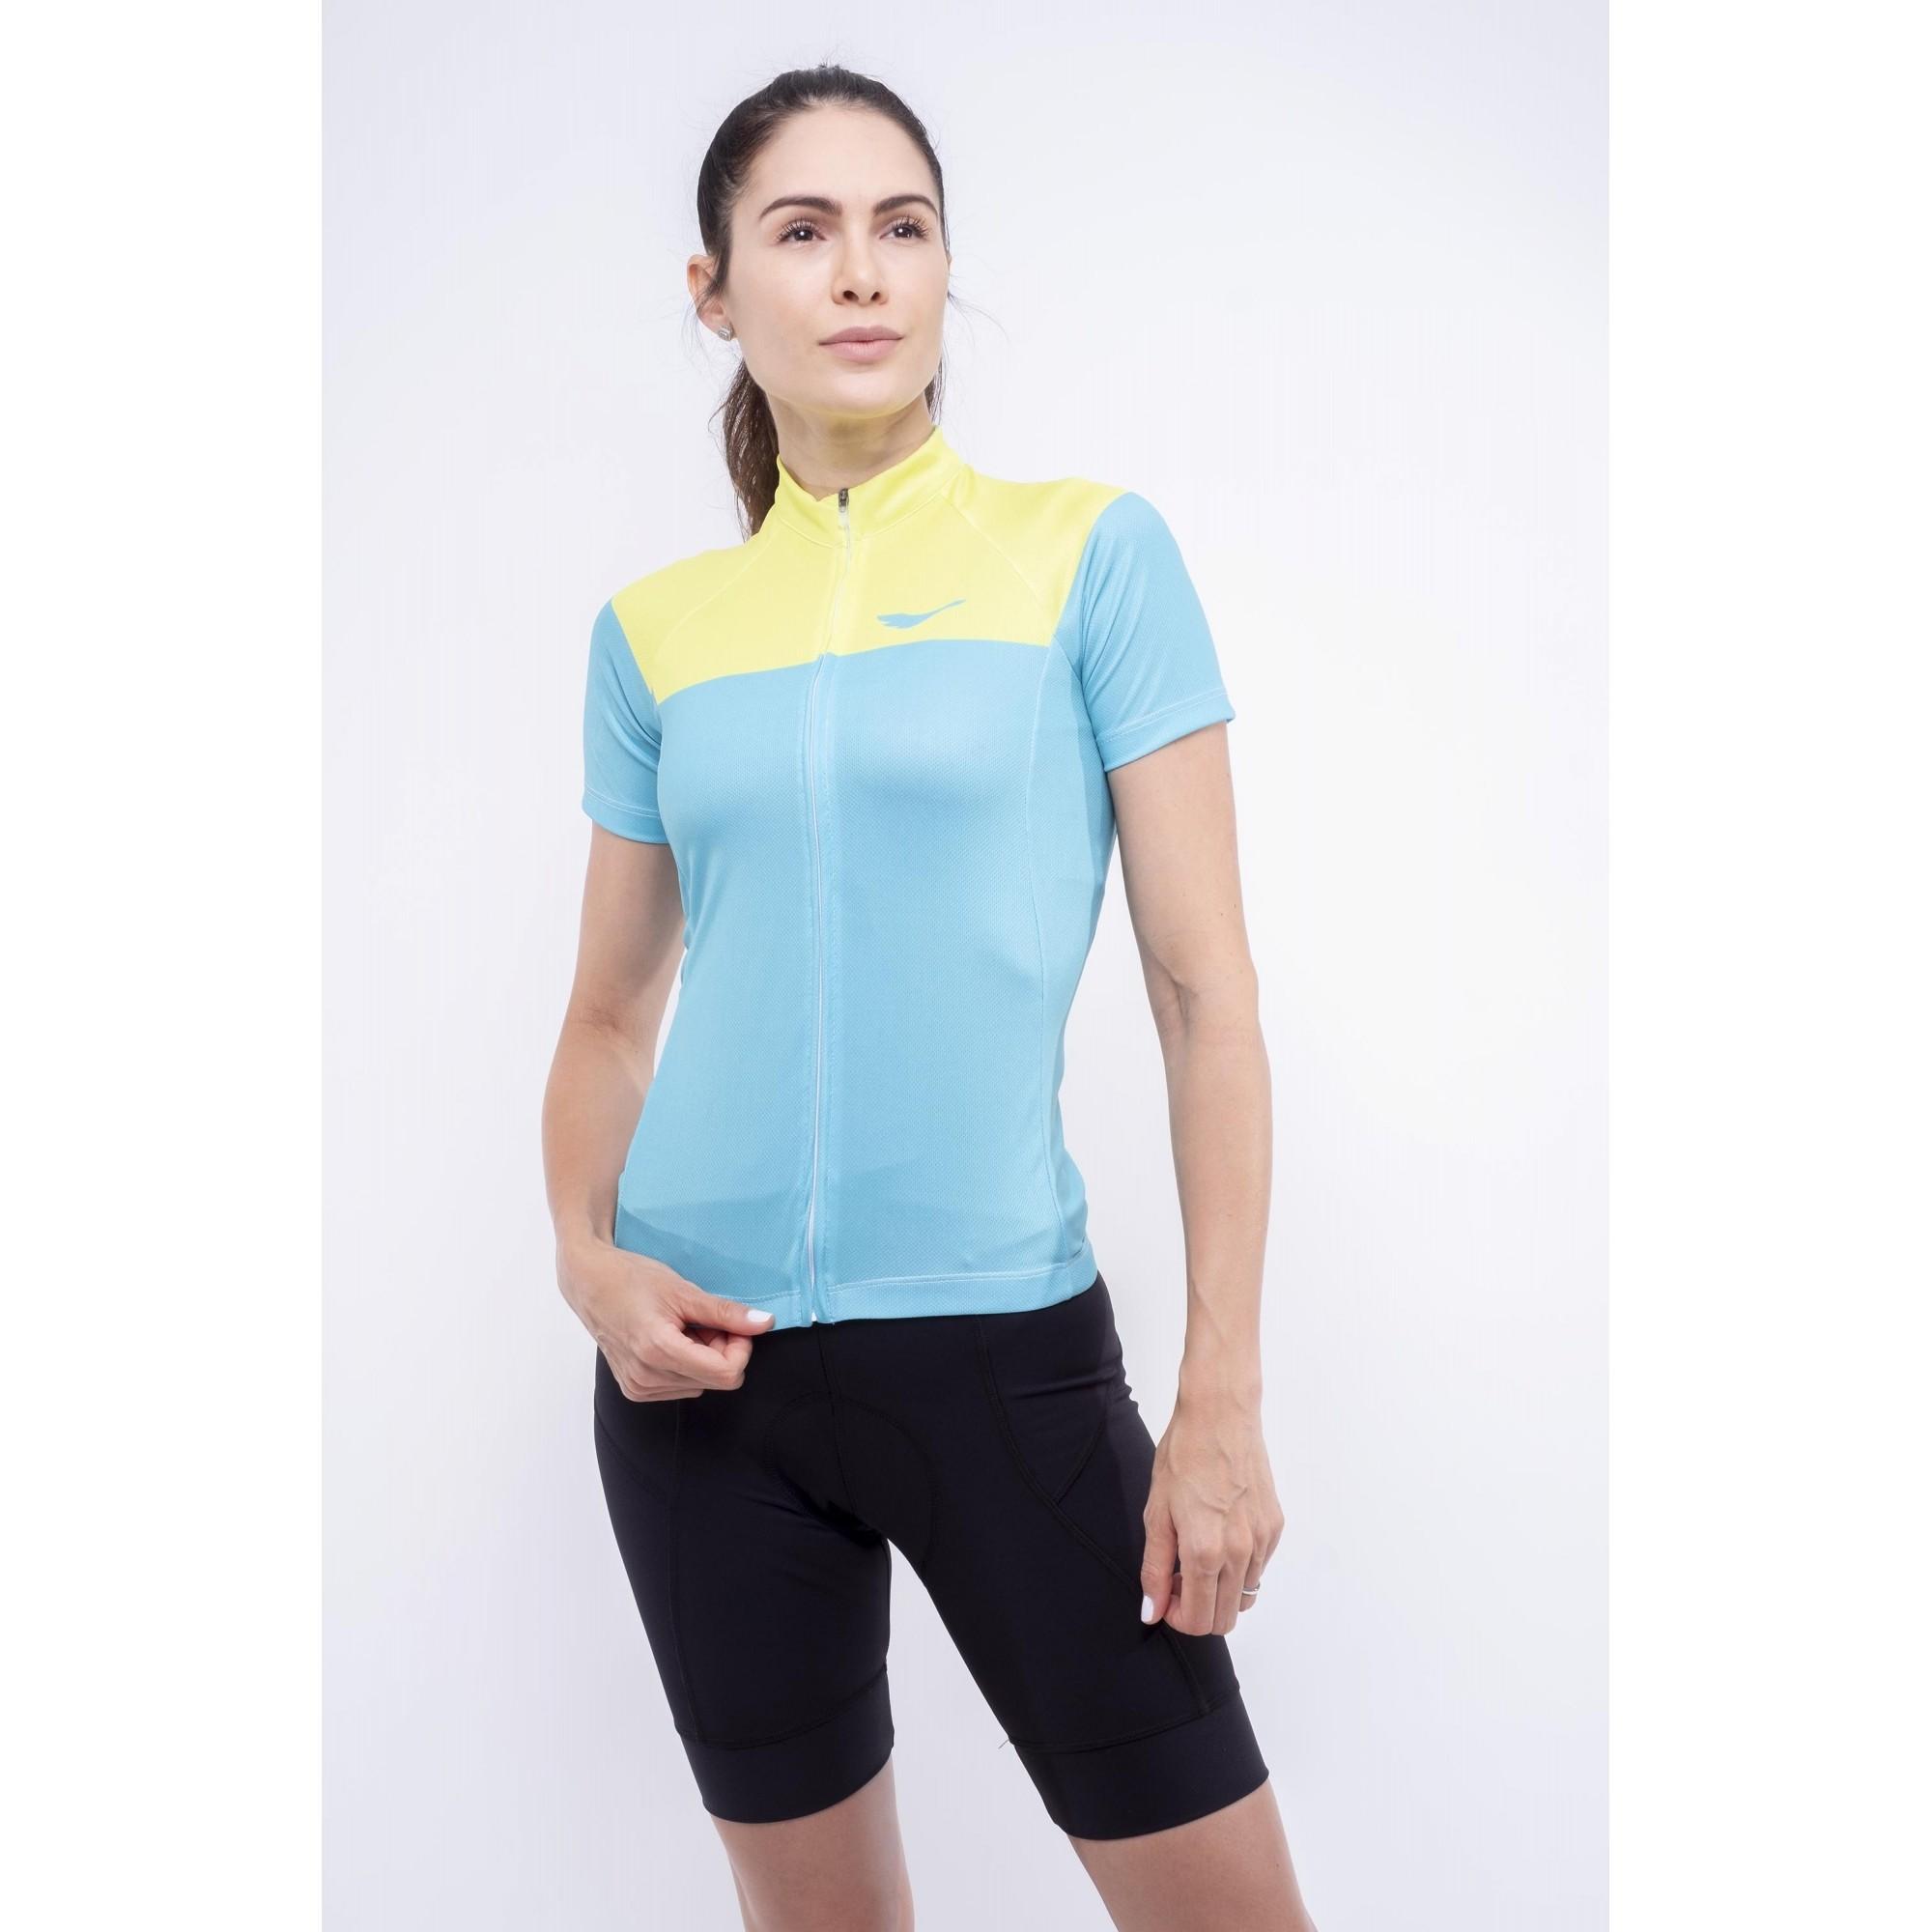 Camisa Feminina Lemon c/ Proteção UV - Scape